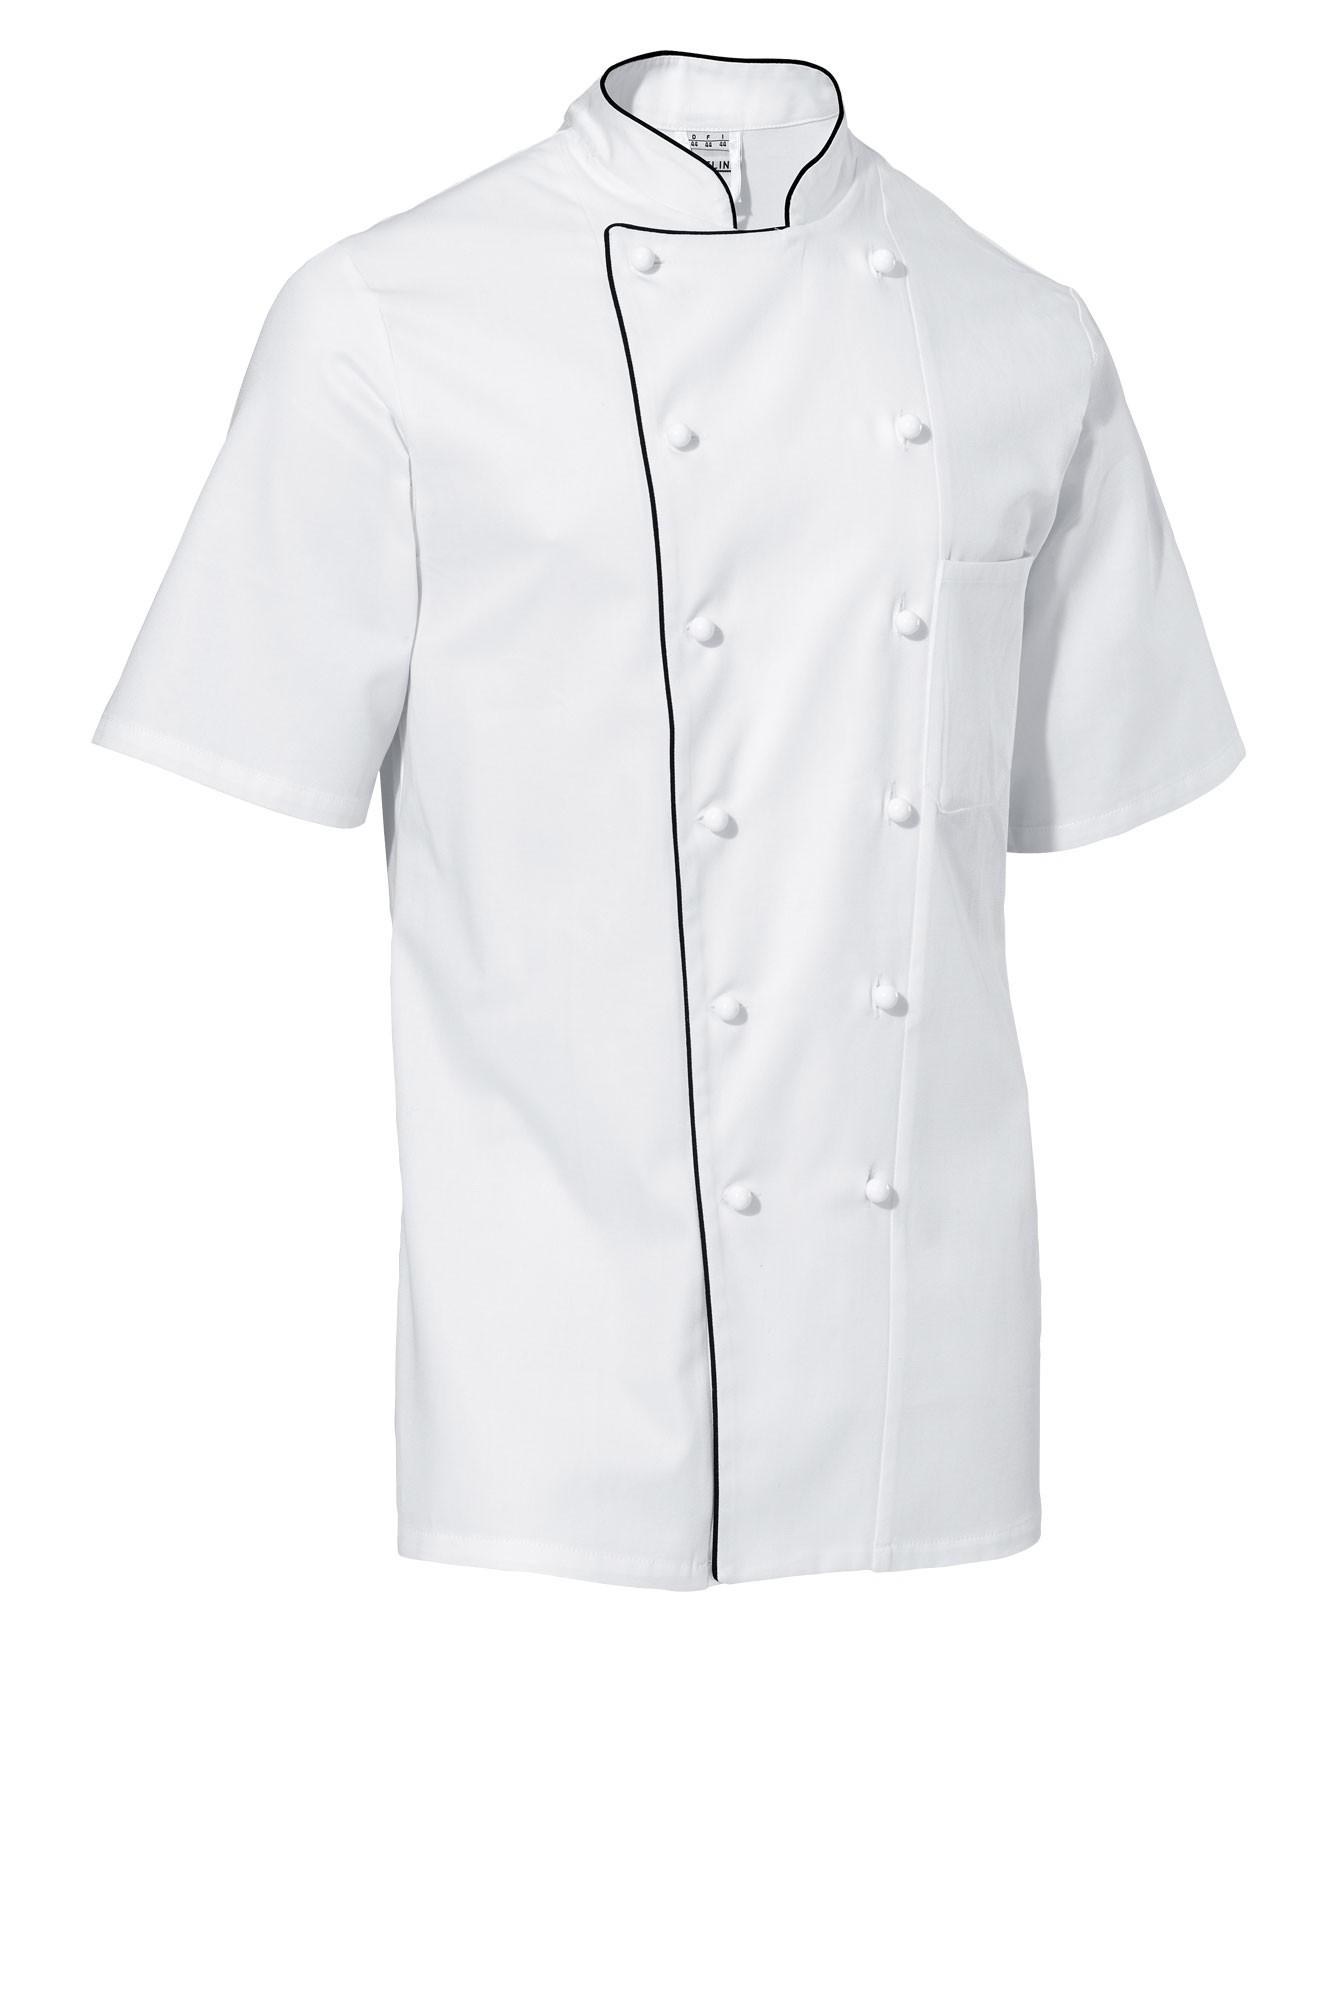 Rondon Samuel - krátký rukáv - bílá/černé lemování